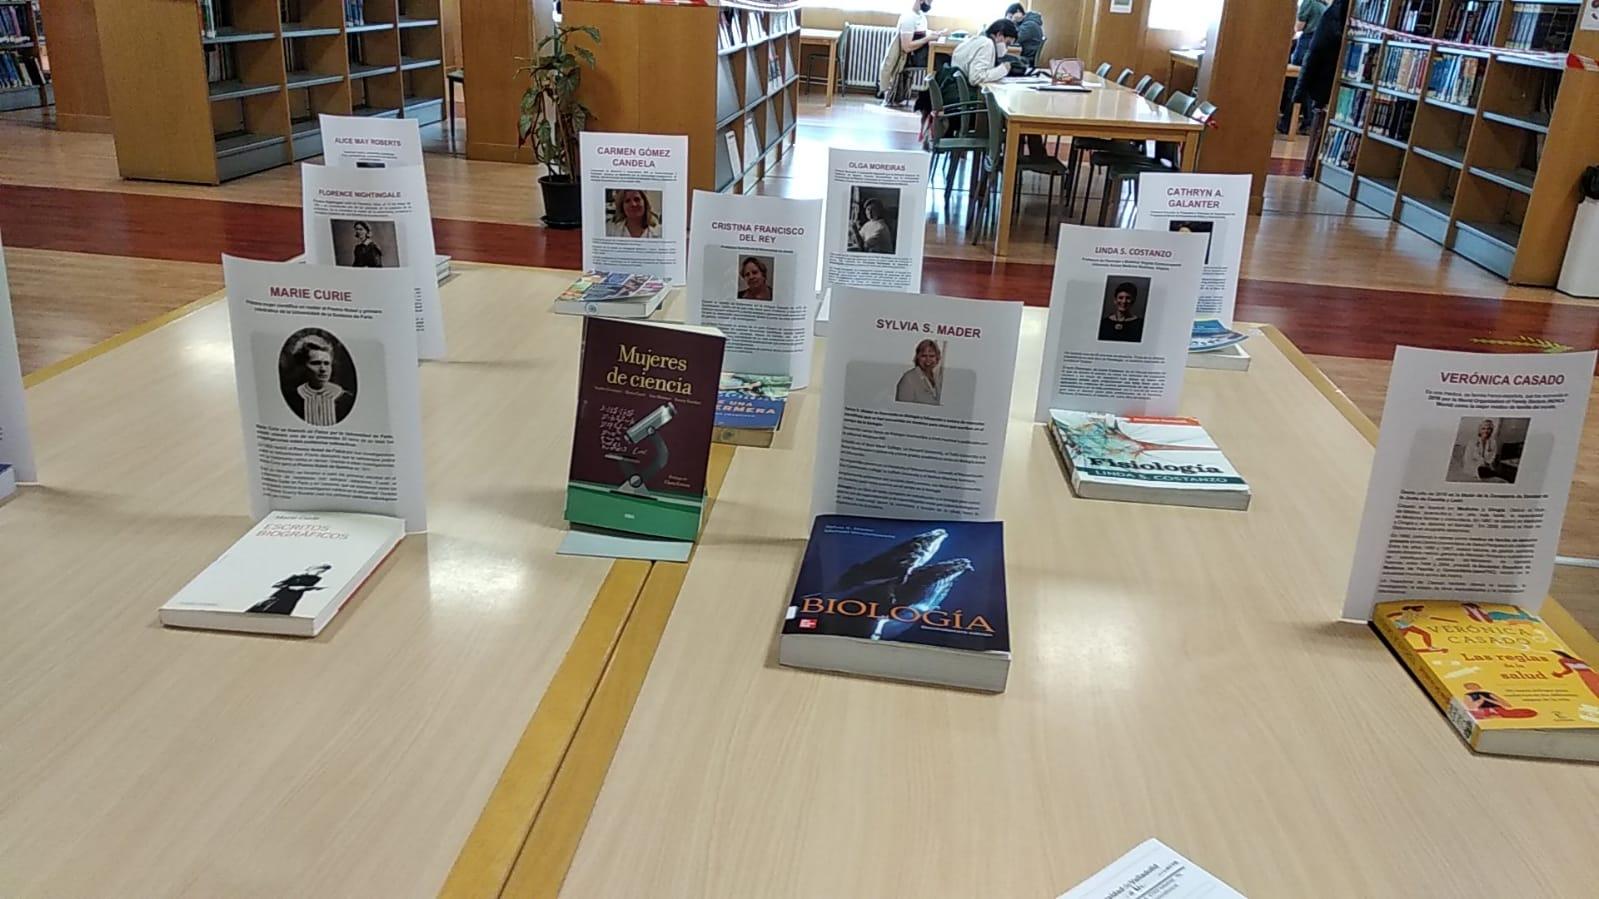 Imagen exposición libros sobre mujeres en la Biblioteca de Ciencias de la Salud